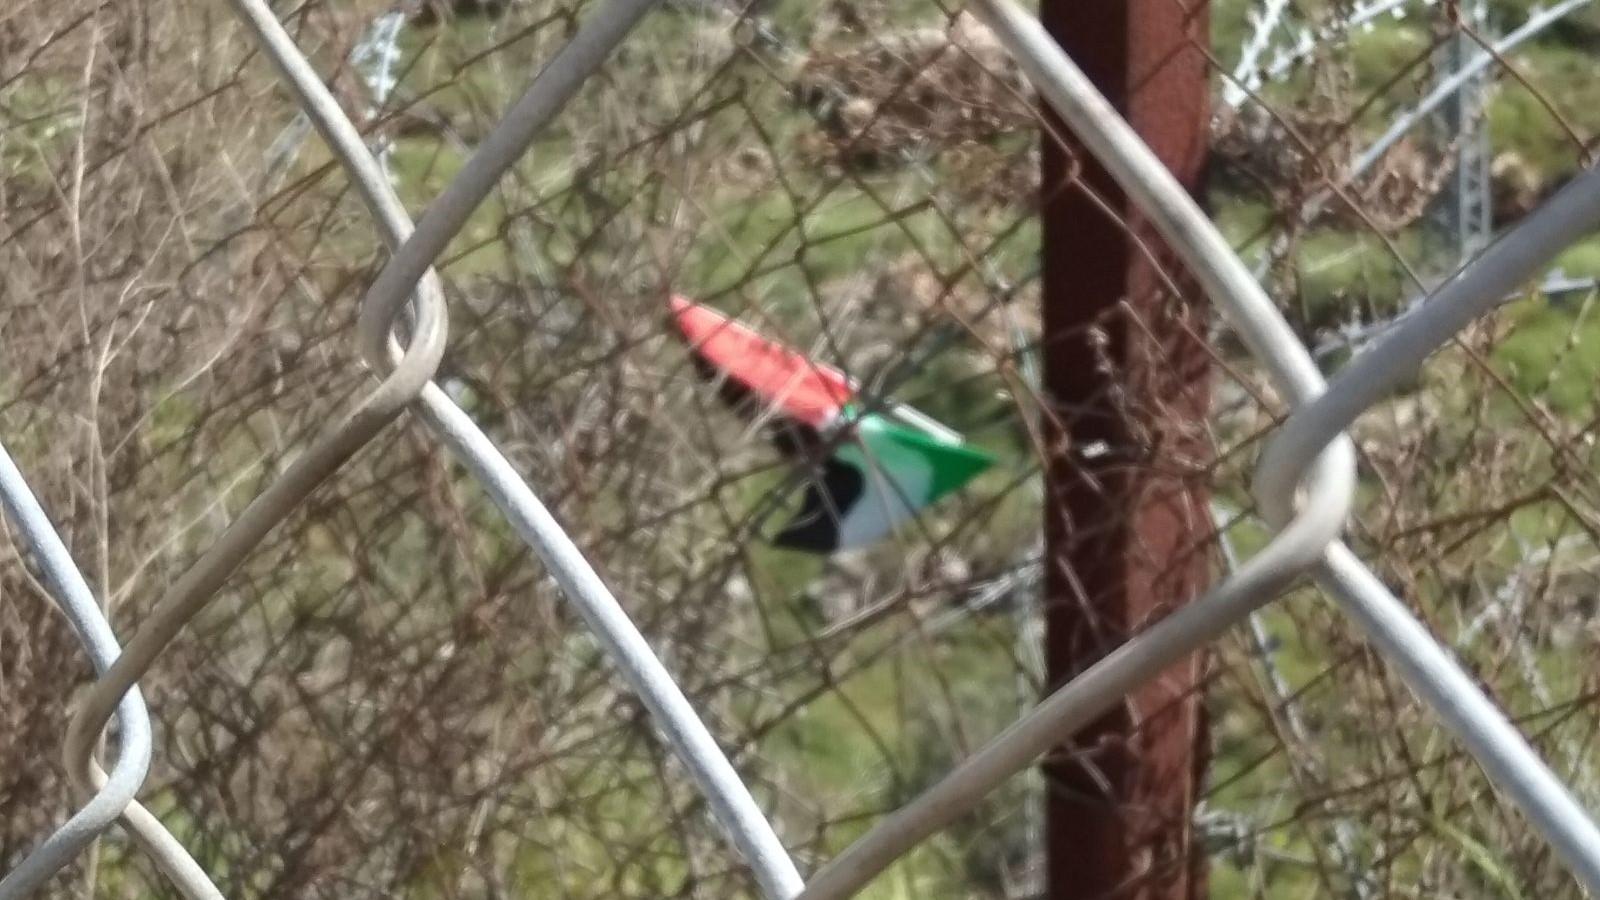 ערבים תלו את דגל הרשות על גדר הביטחון בביתר עילית